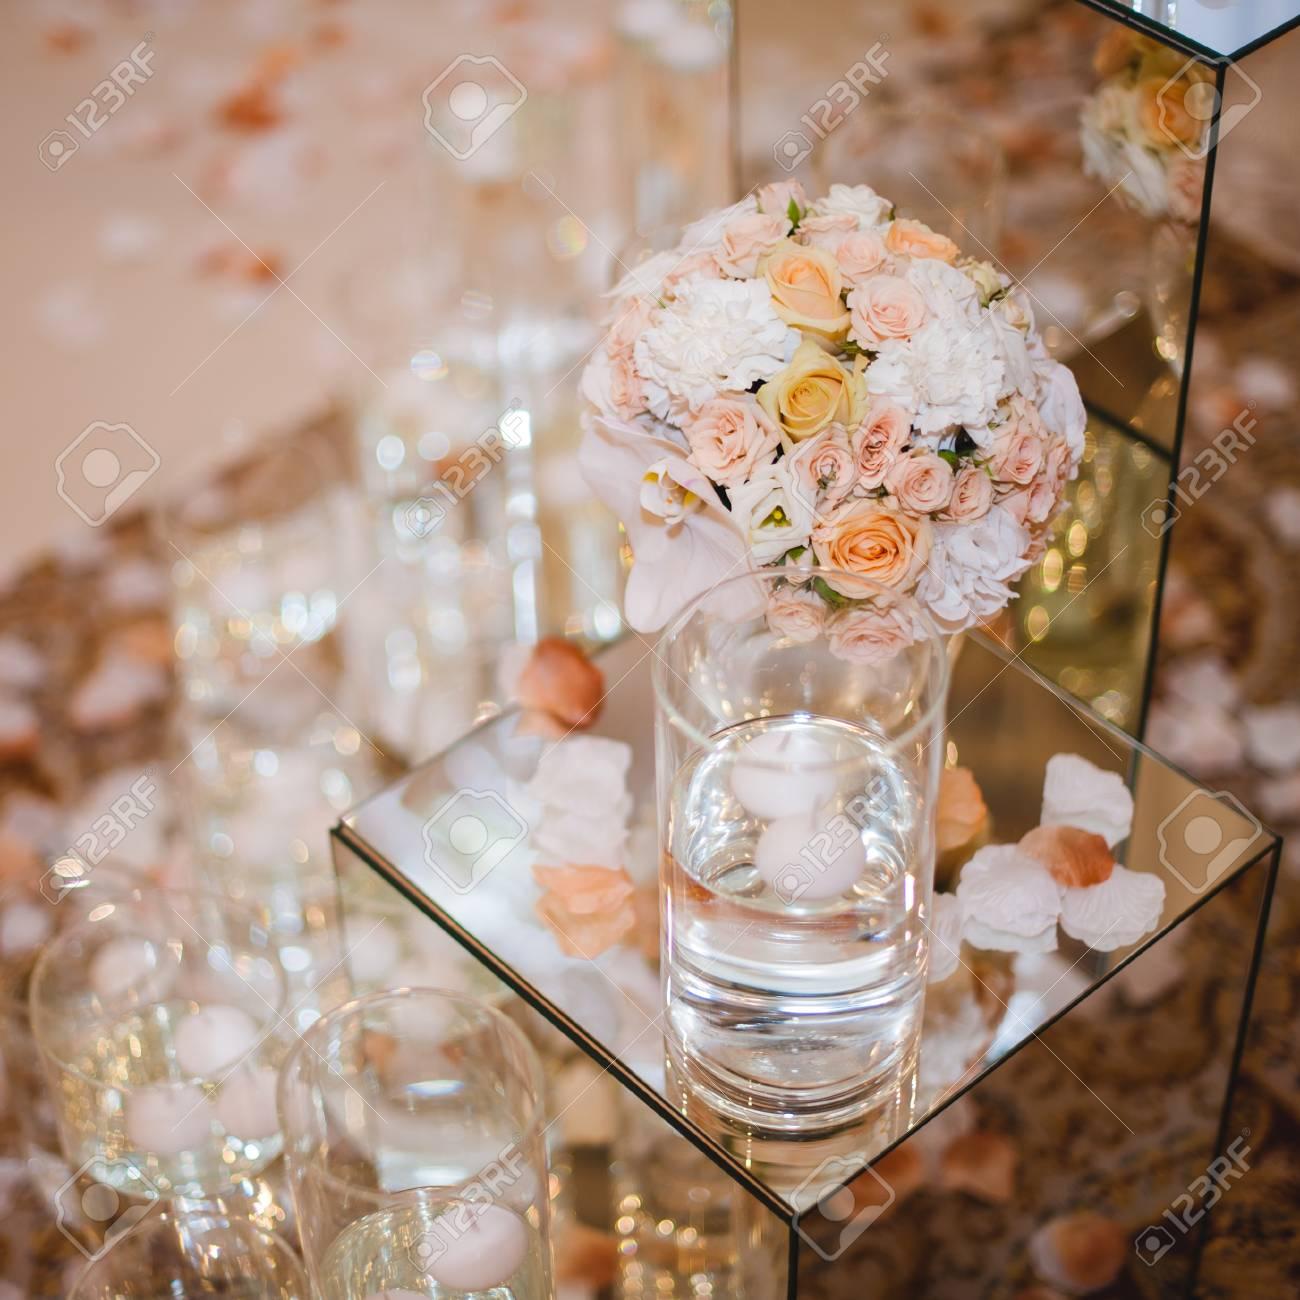 Schone Hochzeit Tischdekoration Blumen In Der Vase Lizenzfreie